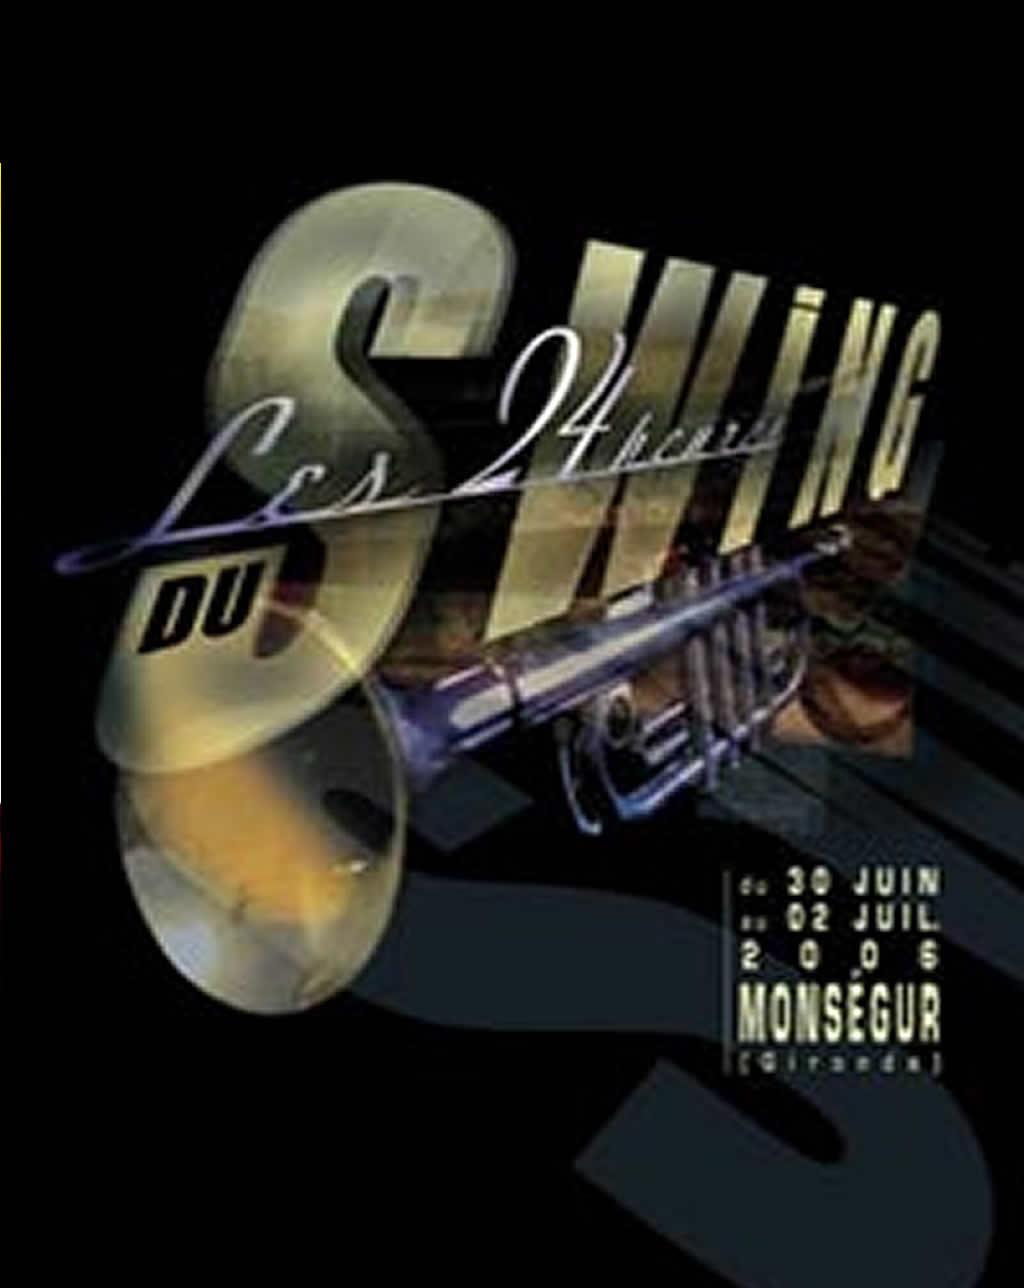 Les 24 heures du Swing 2006